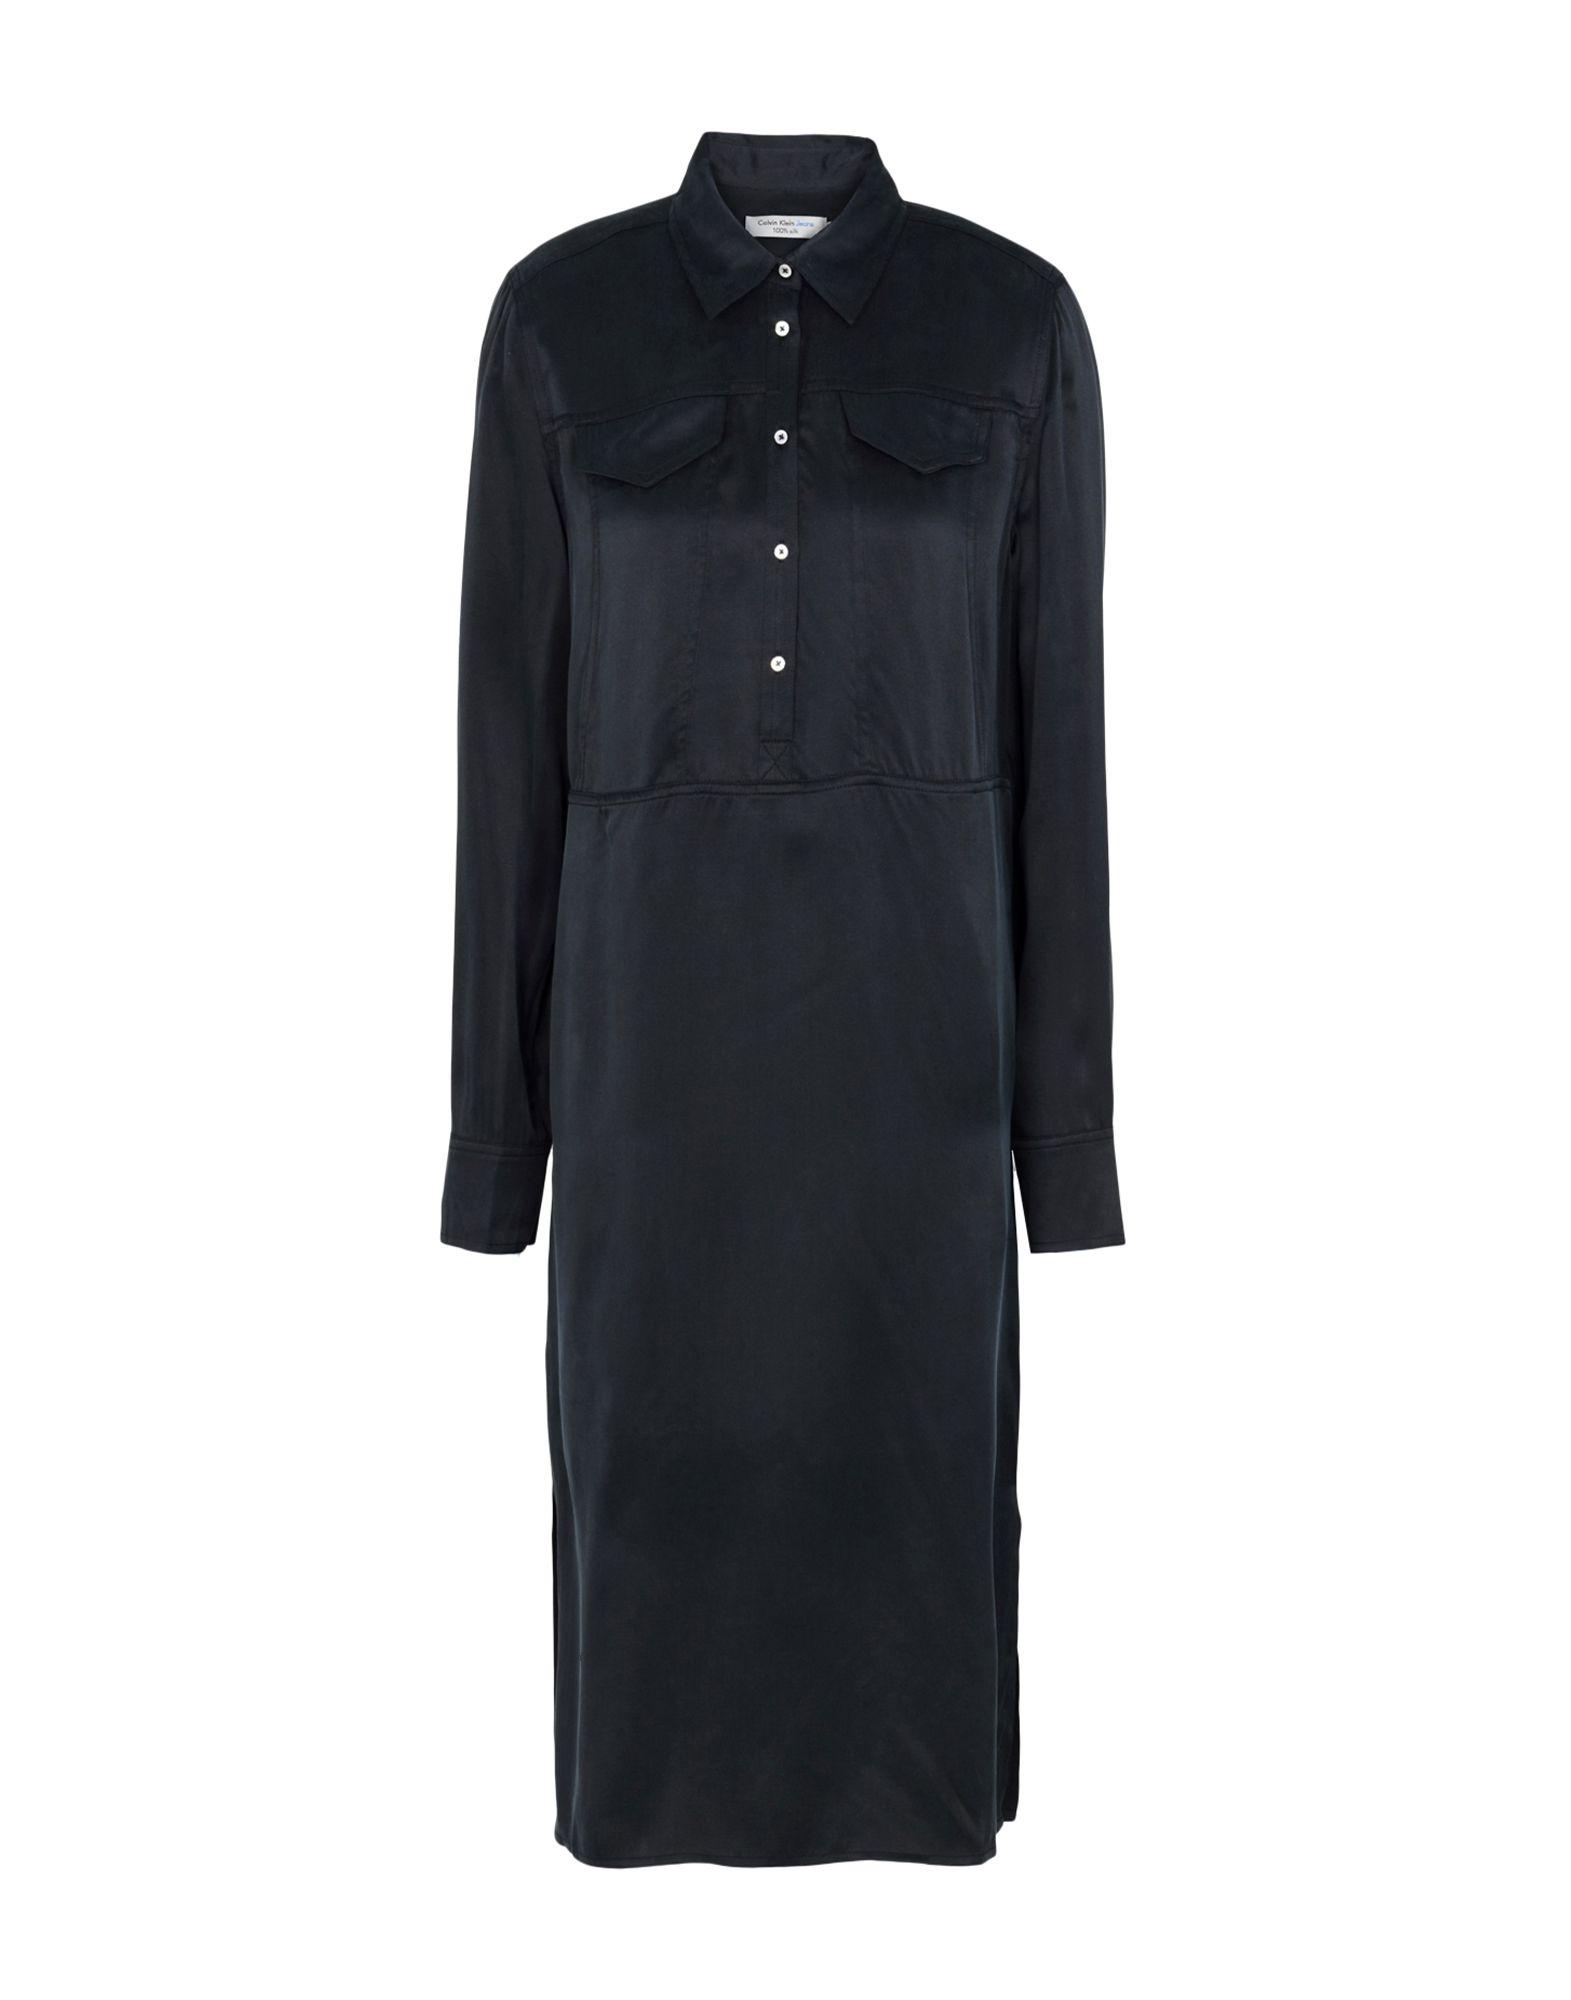 CALVIN KLEIN JEANS Платье до колена кошелек calvin klein jeans calvin klein jeans ca939bwapqt1